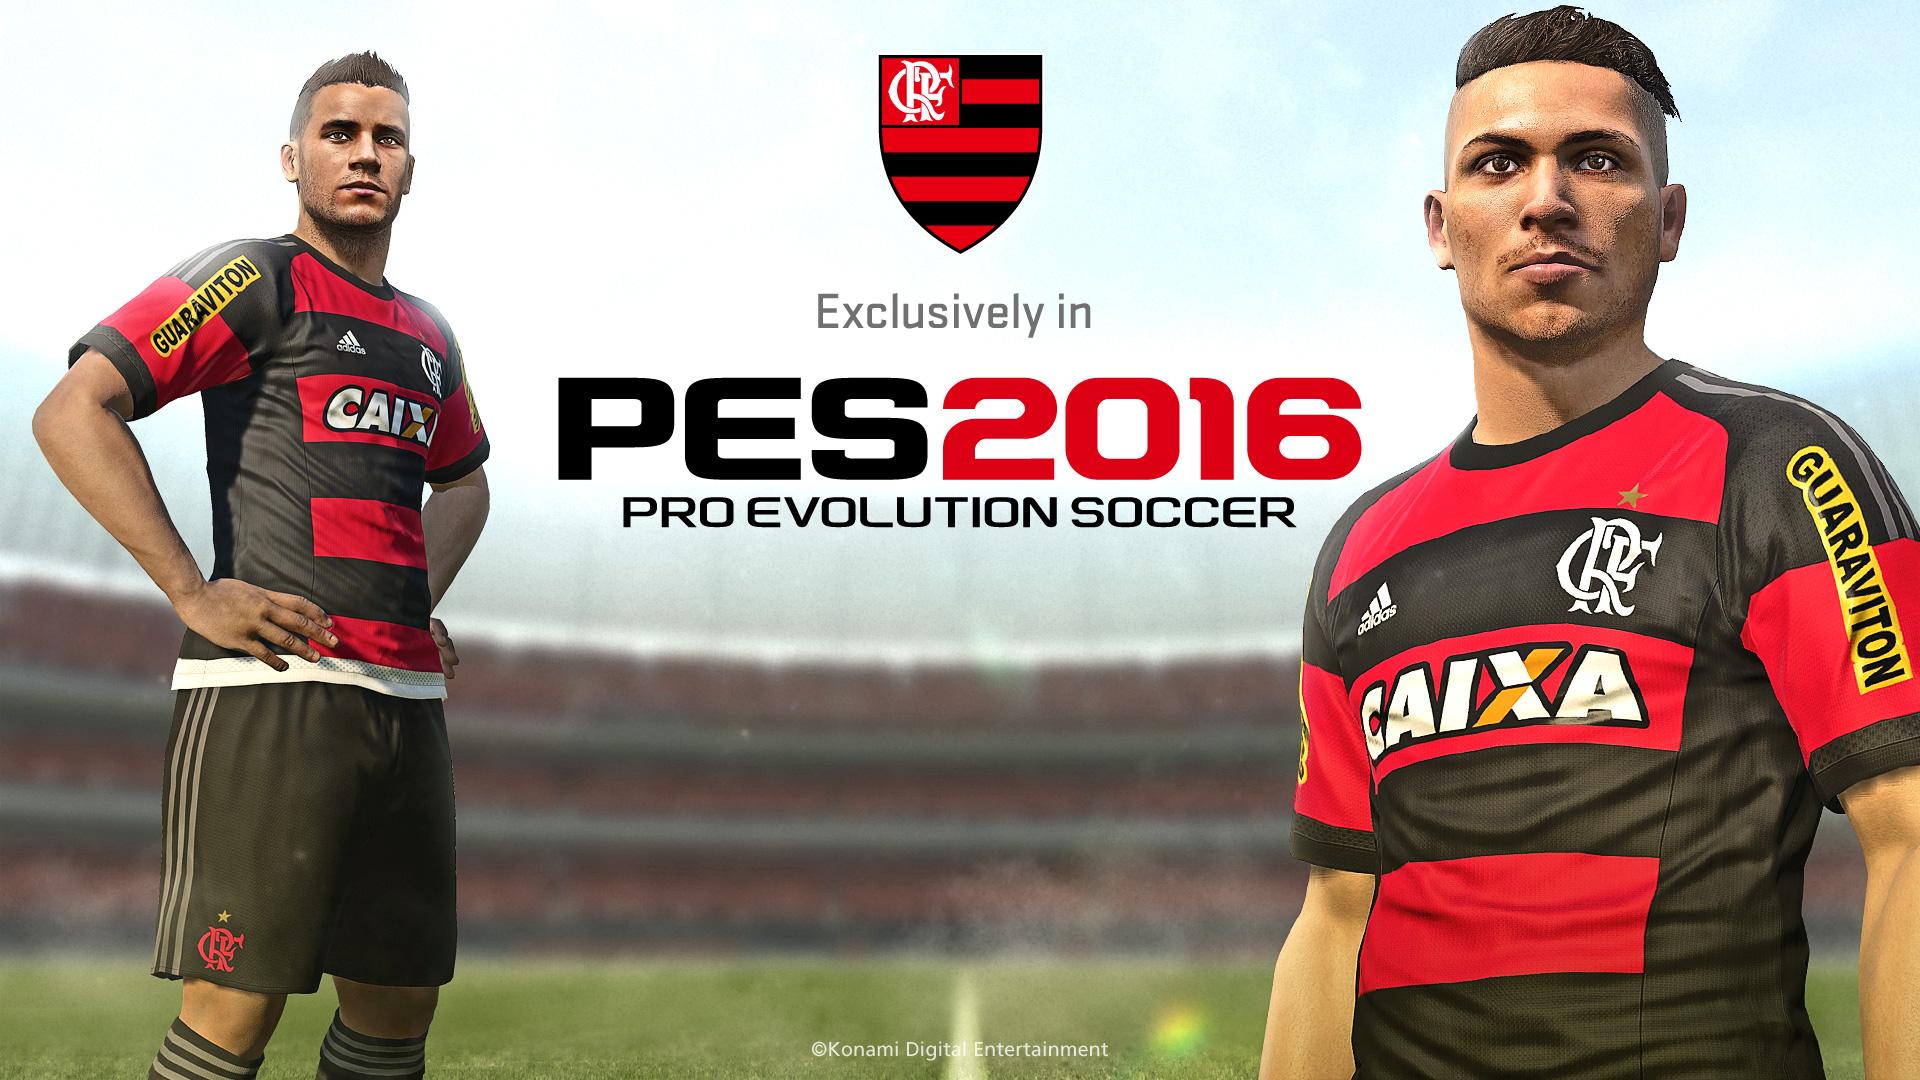 Flamengo anuncia parceria com PES e Maracanã e terá capa exclusiva 9322c7cb64f8d